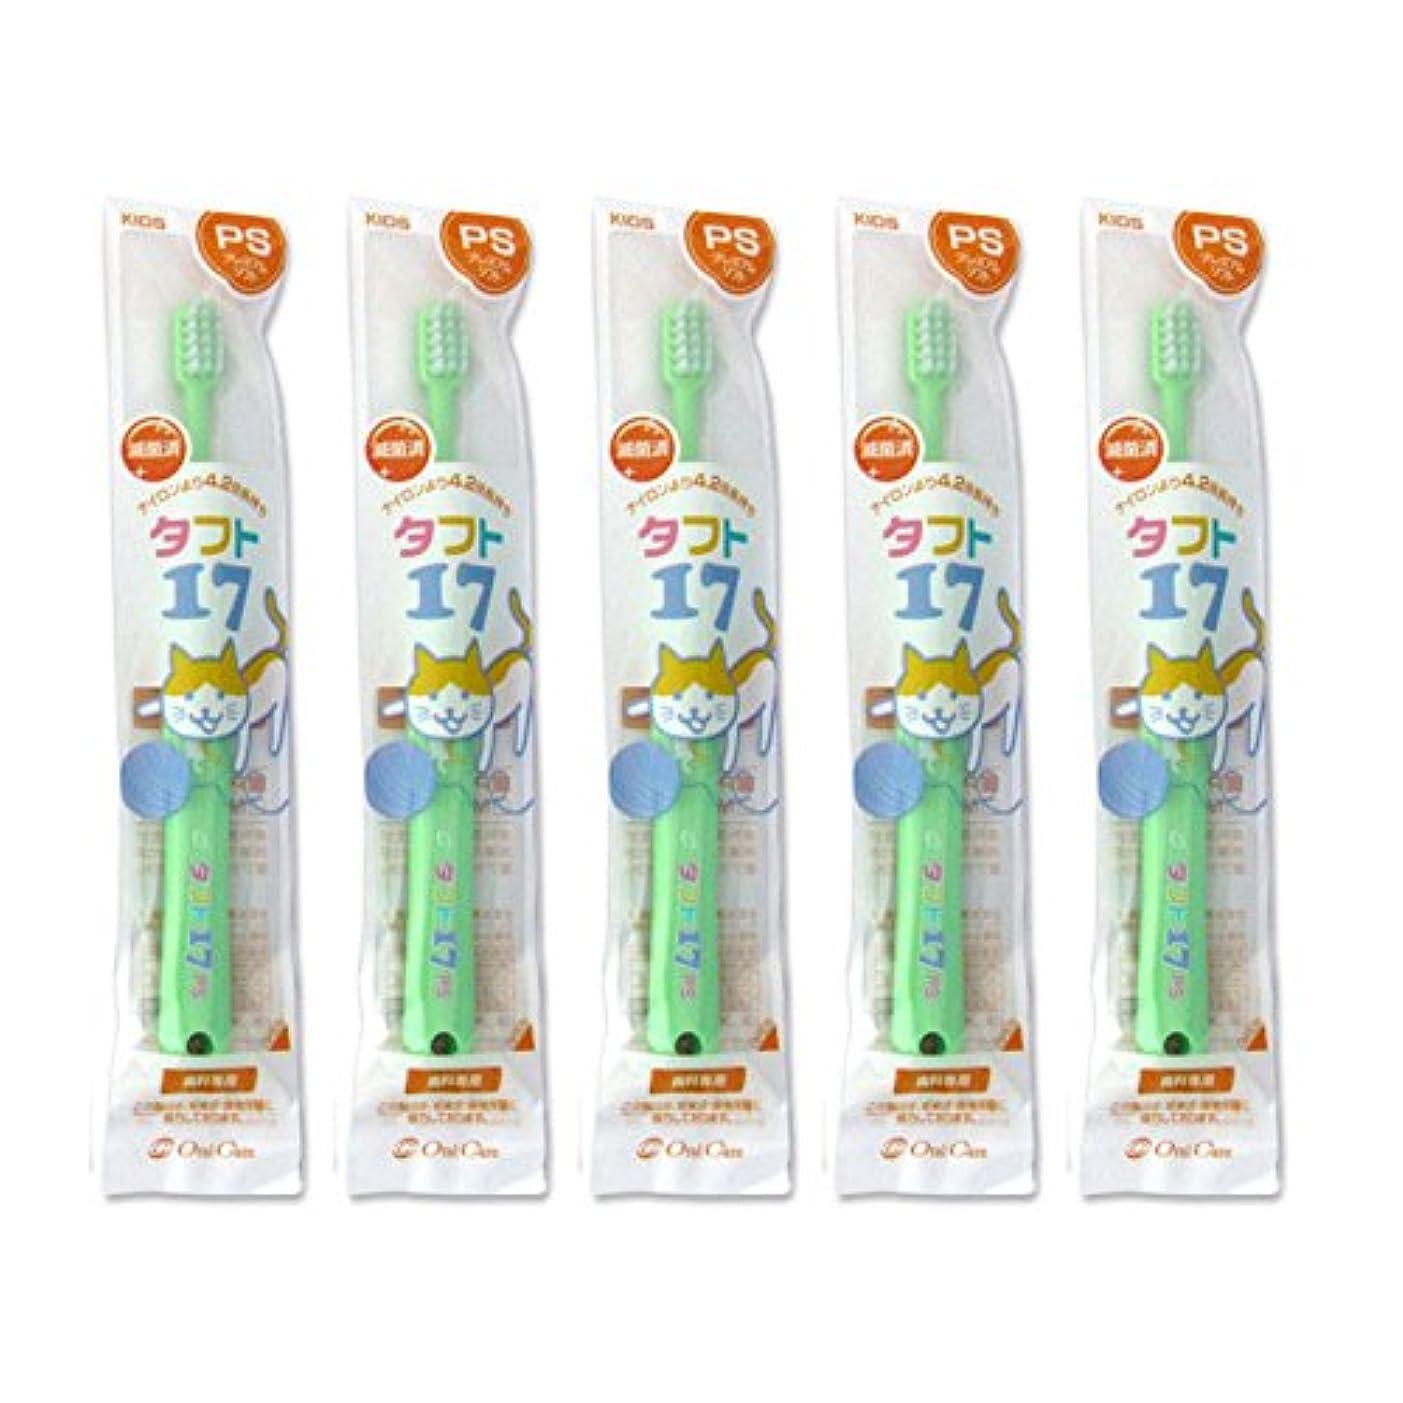 タフト17 5本 オーラルケア 子供 タフト17/プレミアムソフト/タフト 乳歯列期(1~7歳)こども 歯ブラシ 5本セット グリーン